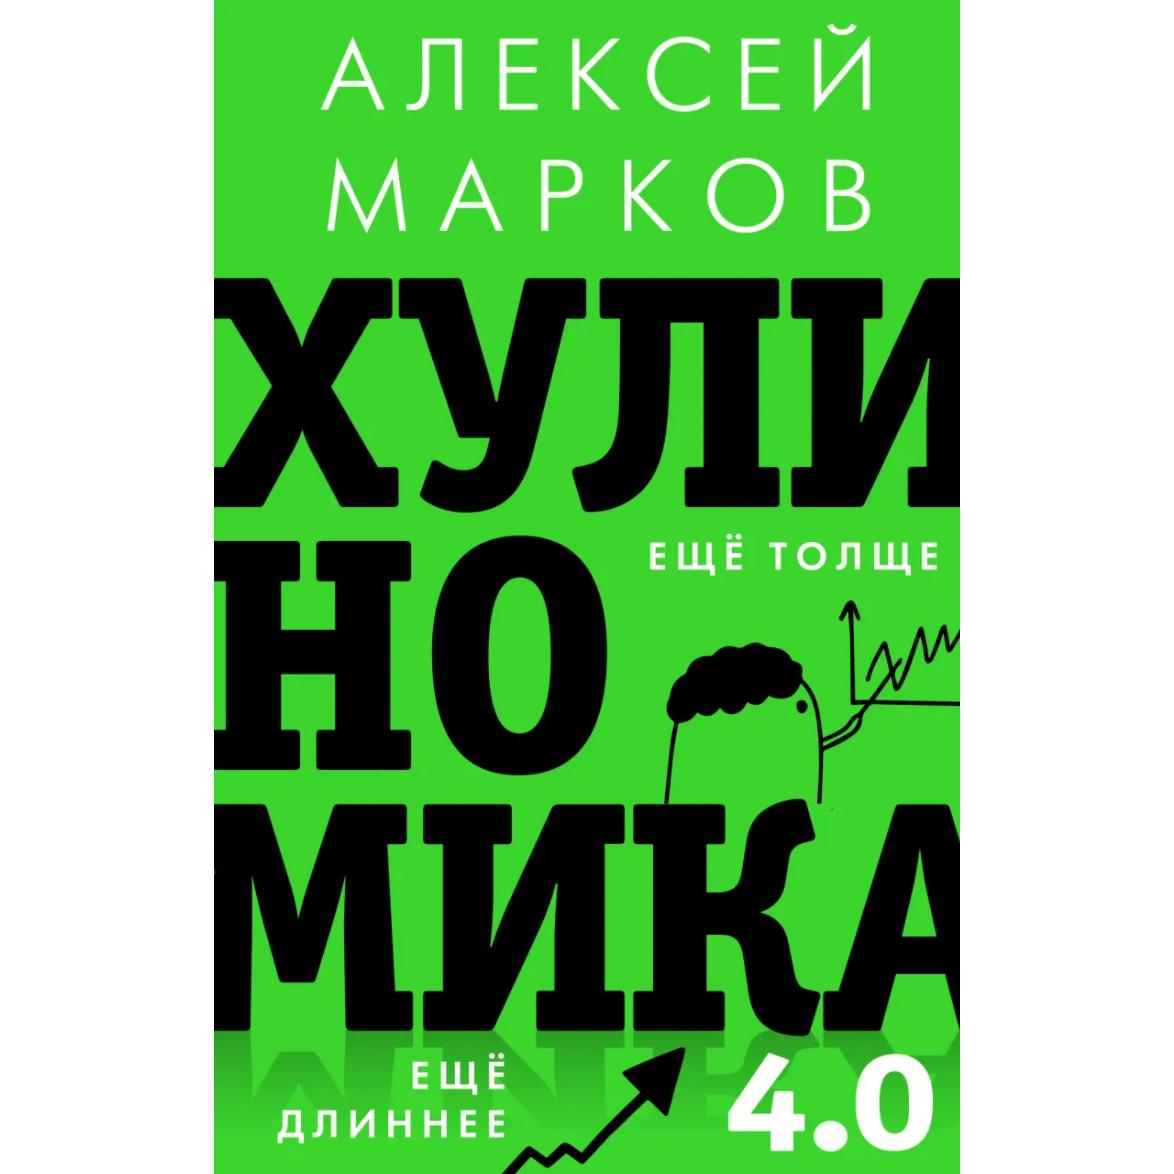 Алексей Марков «Хулиномика 4.0: хулиганская экономика. Еще толще. Еще длиннее»